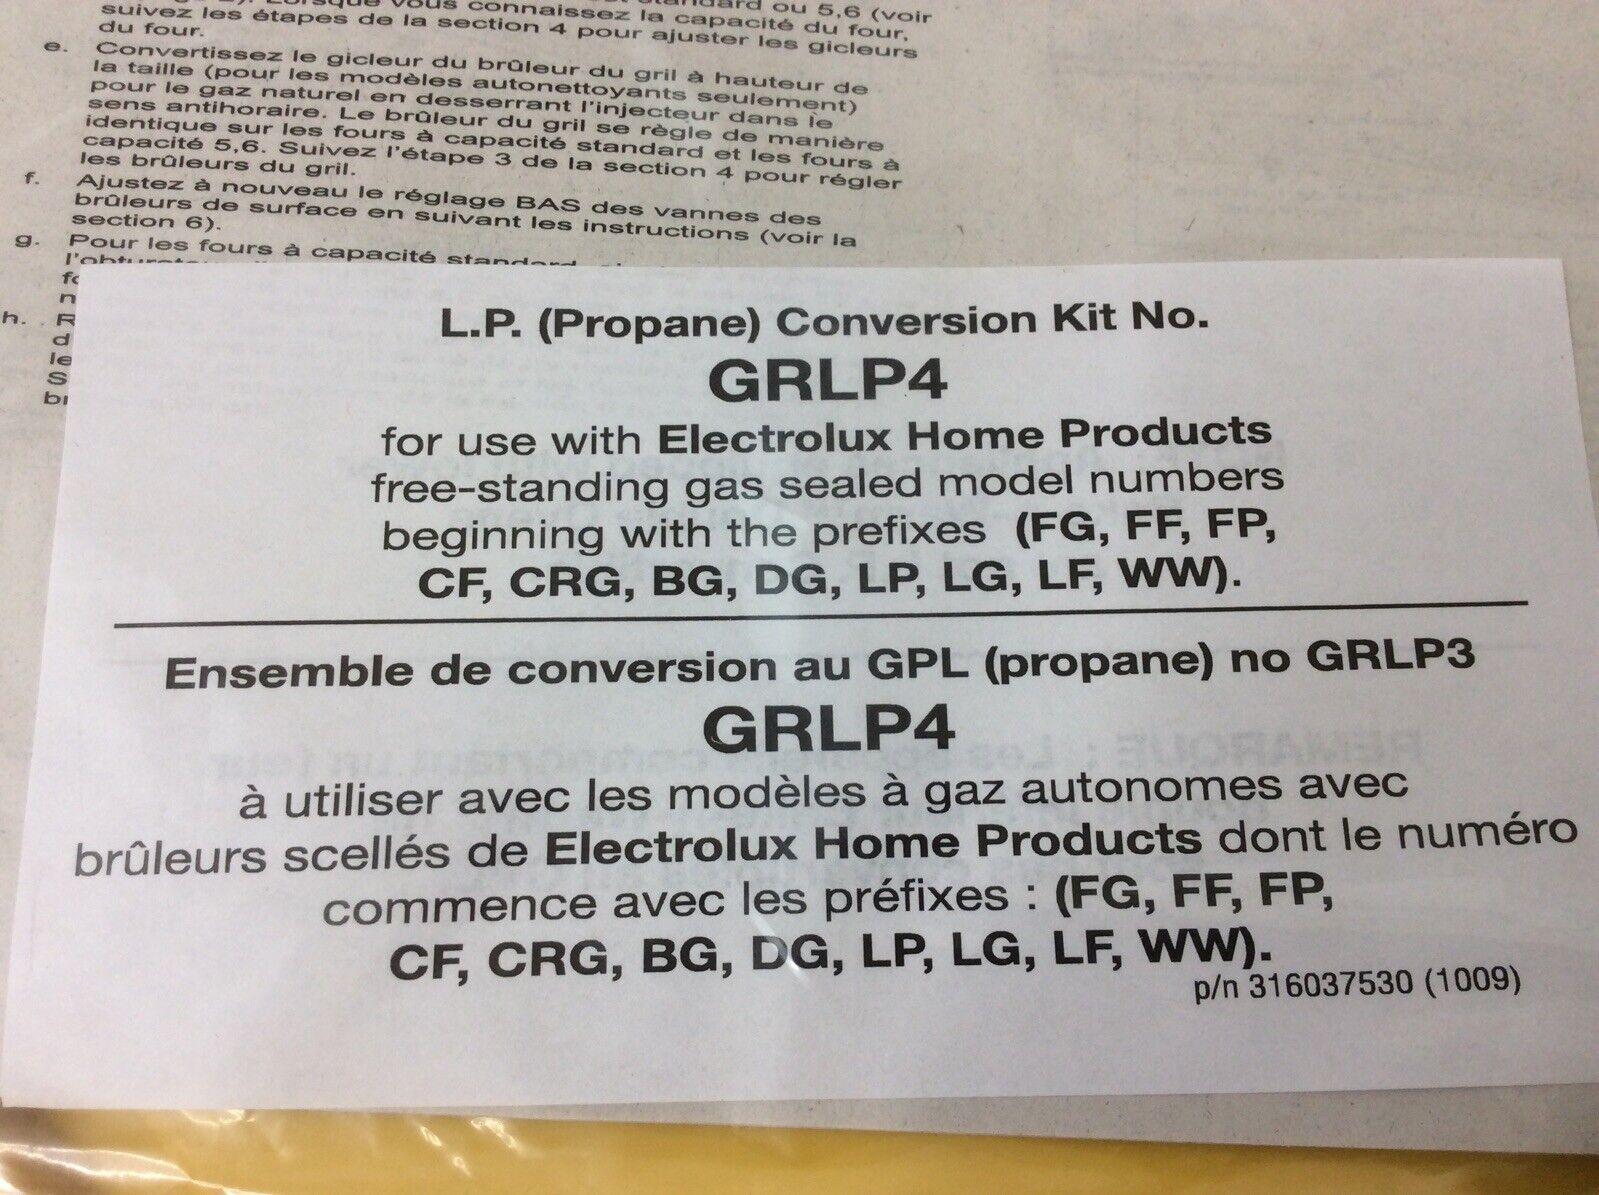 Frigidaire Electrolux Gas Range LP Conversion Kit GRLP4 New